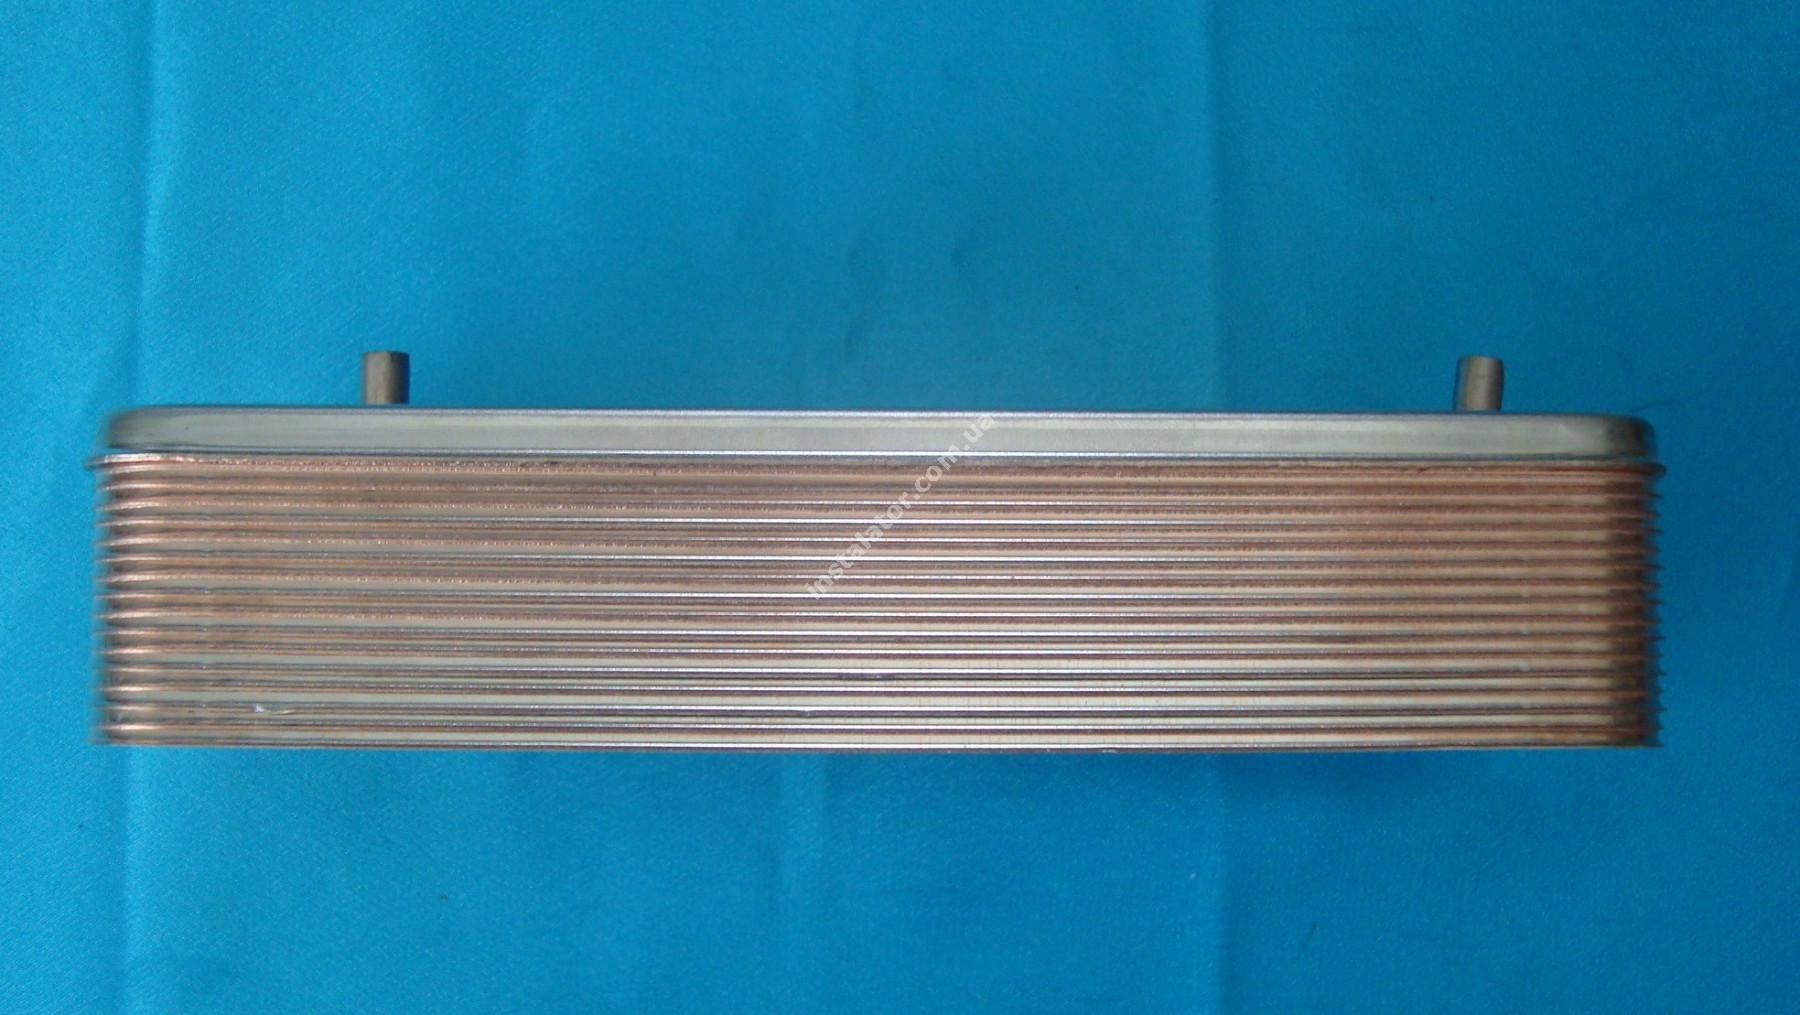 17B2071600 Теплообмінник вторинний ГВП 16 пластин ZILMET full-image-1